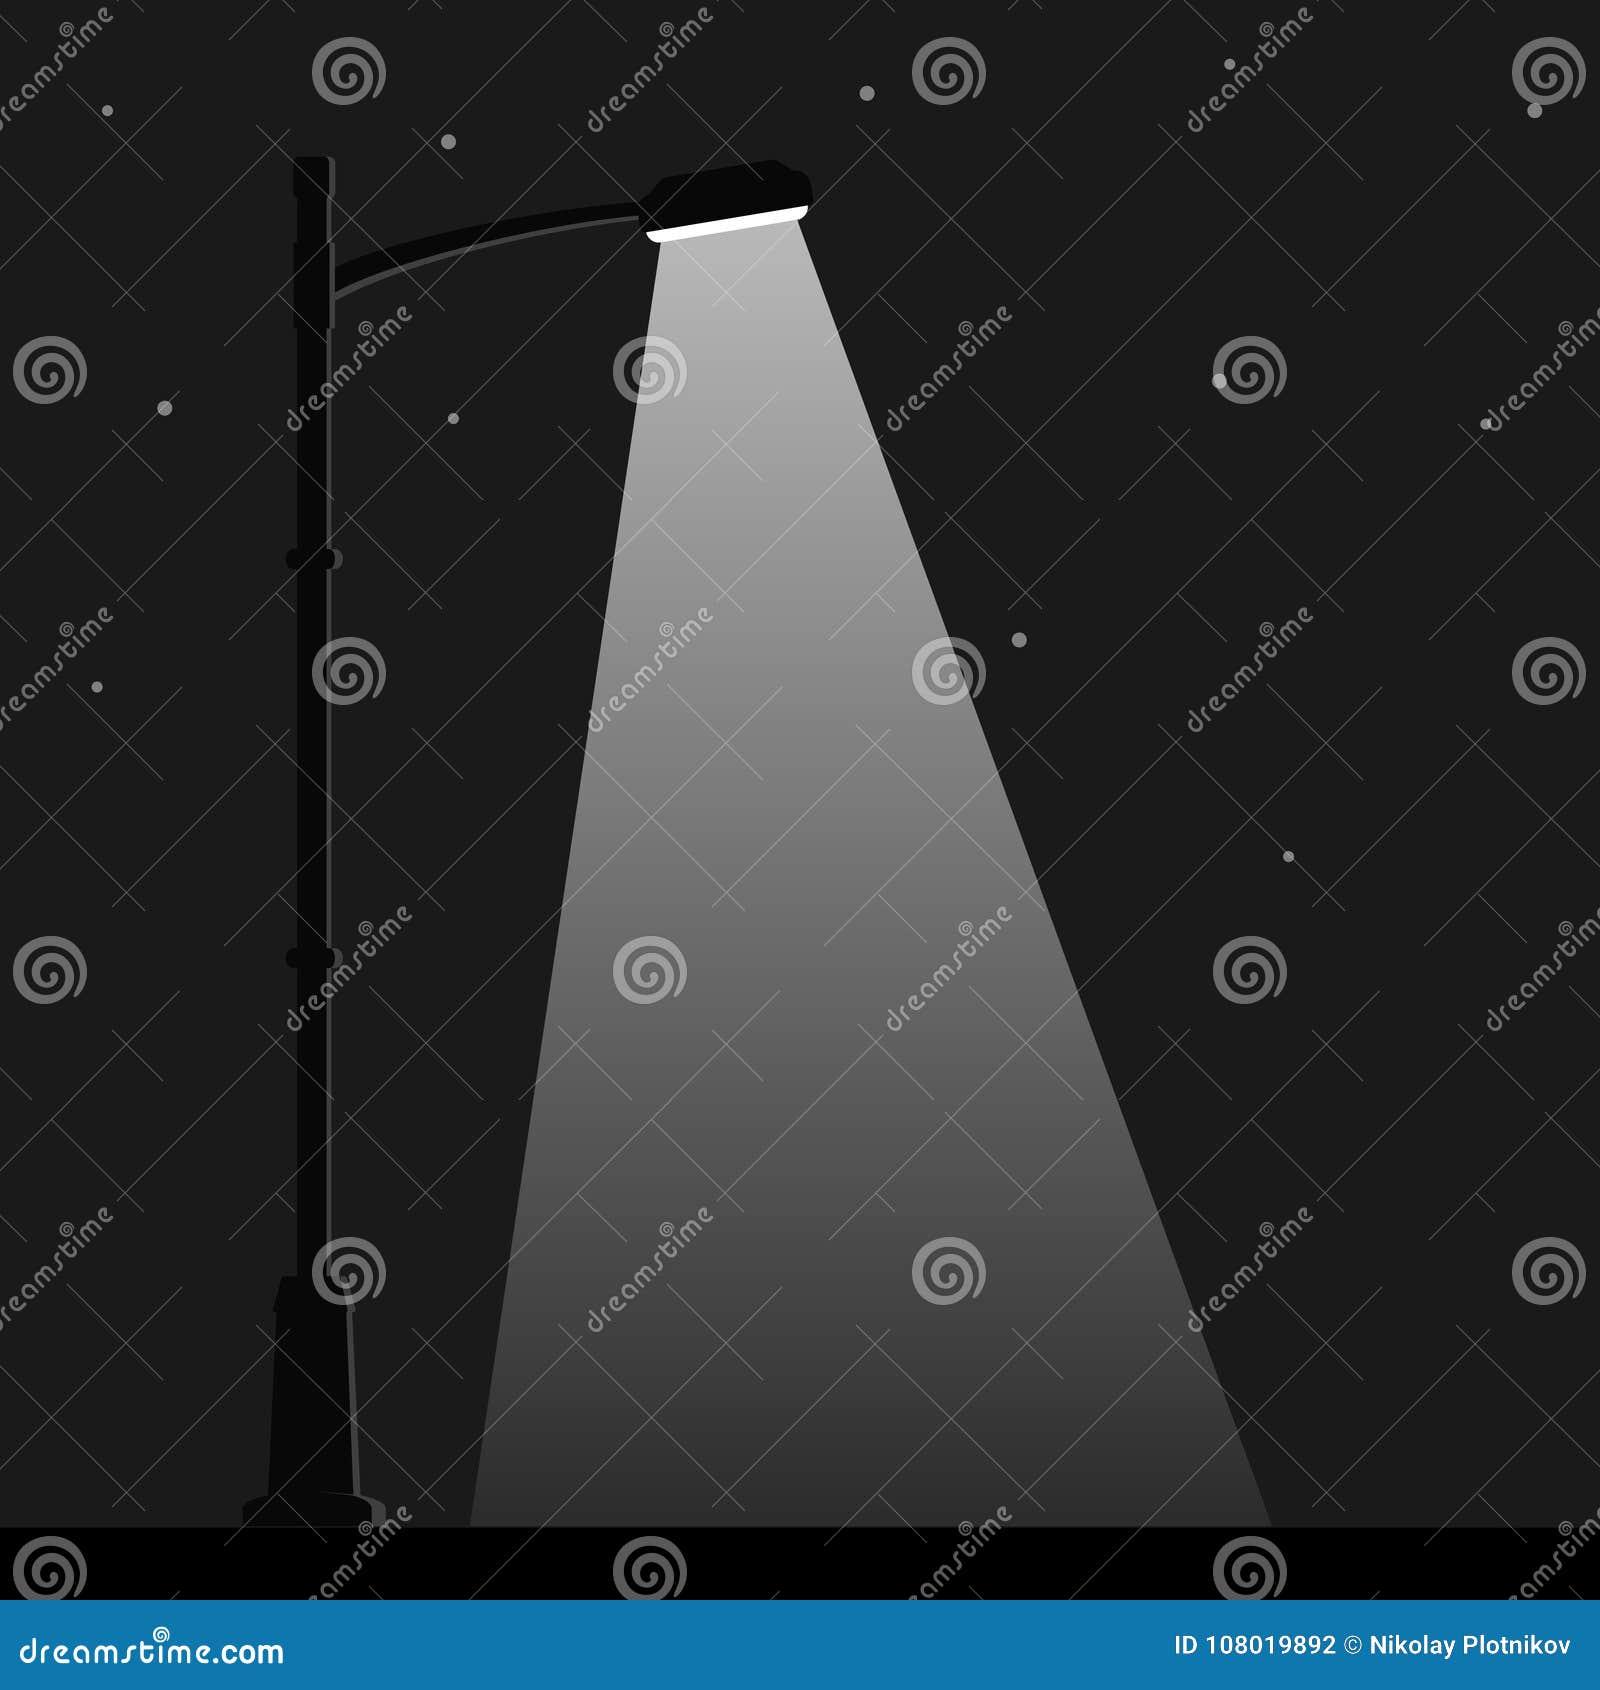 De straatlantaarn van de stadsnacht met licht van straatlantaarnlamp Openluchtlamppost in vlakke stijl Schijnwerper